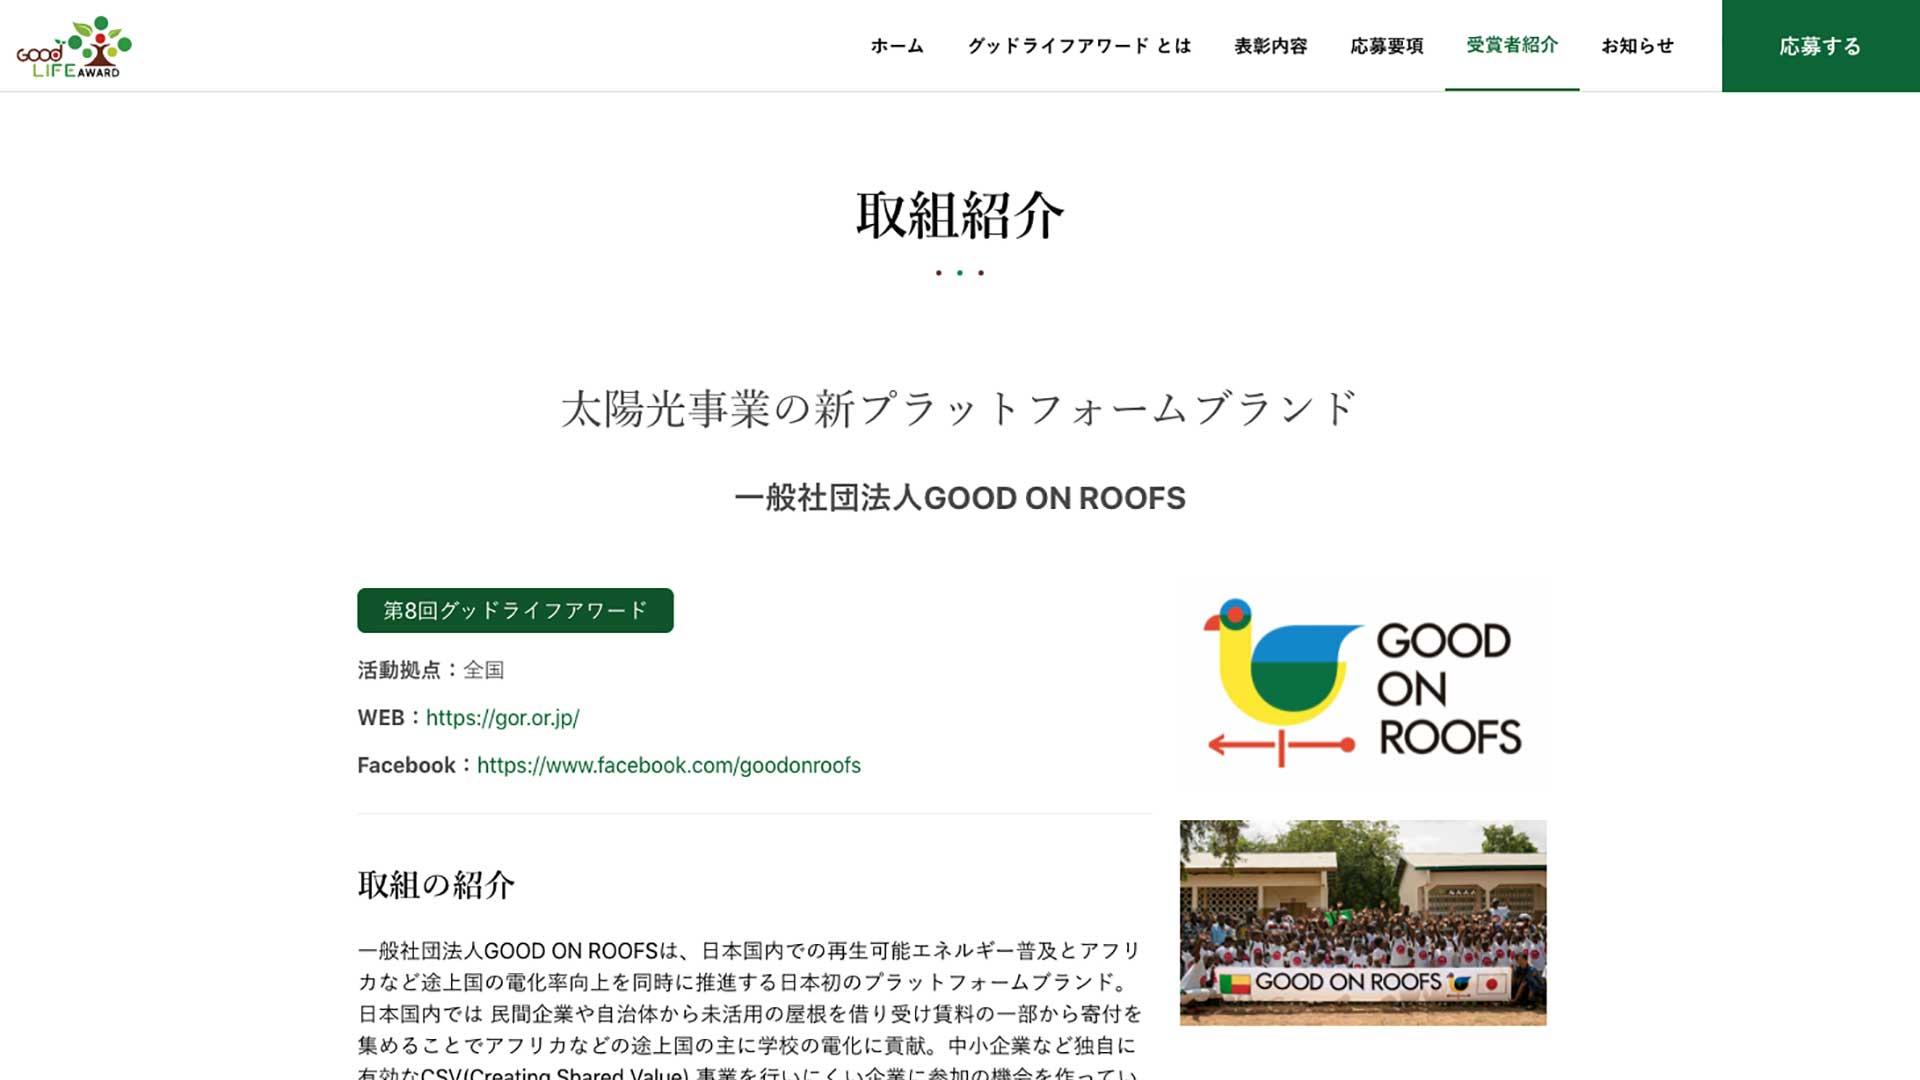 環境省グッドライフアワード公式ホームページ